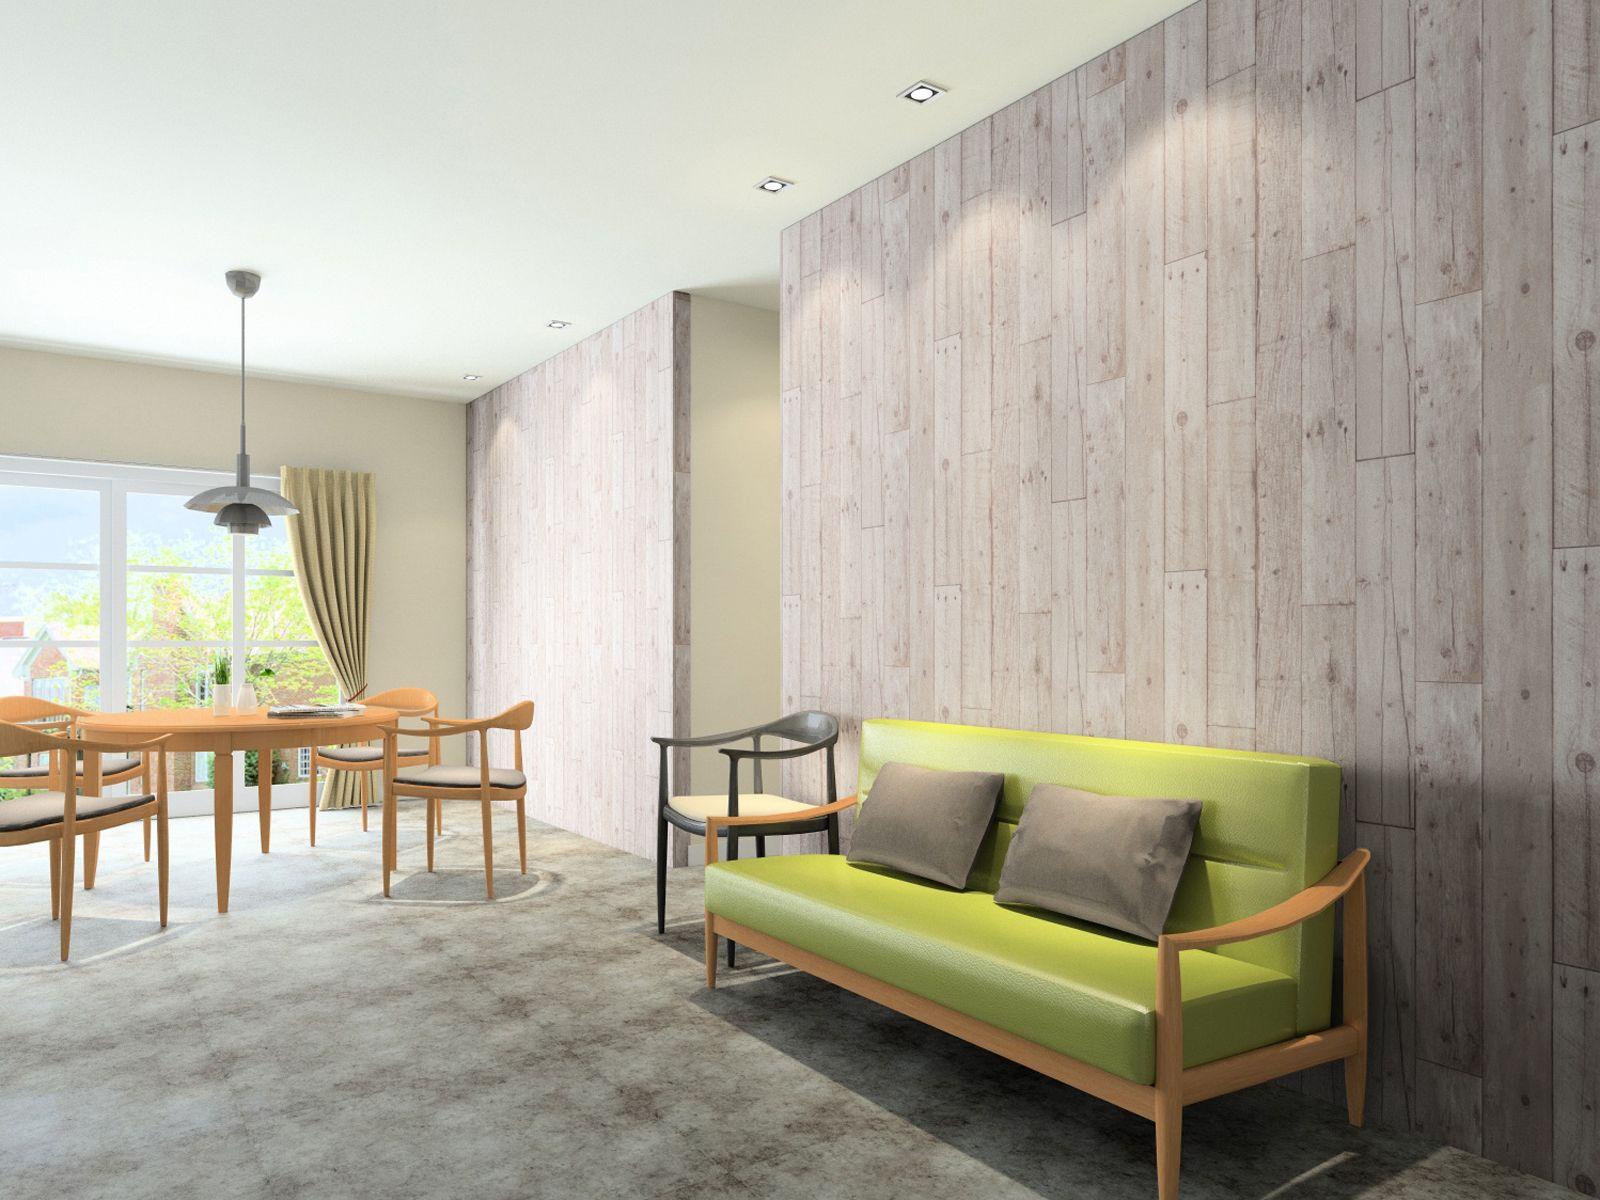 施工例一覧 サンゲツ ホームページ 2020 自宅で サンゲツ 施工